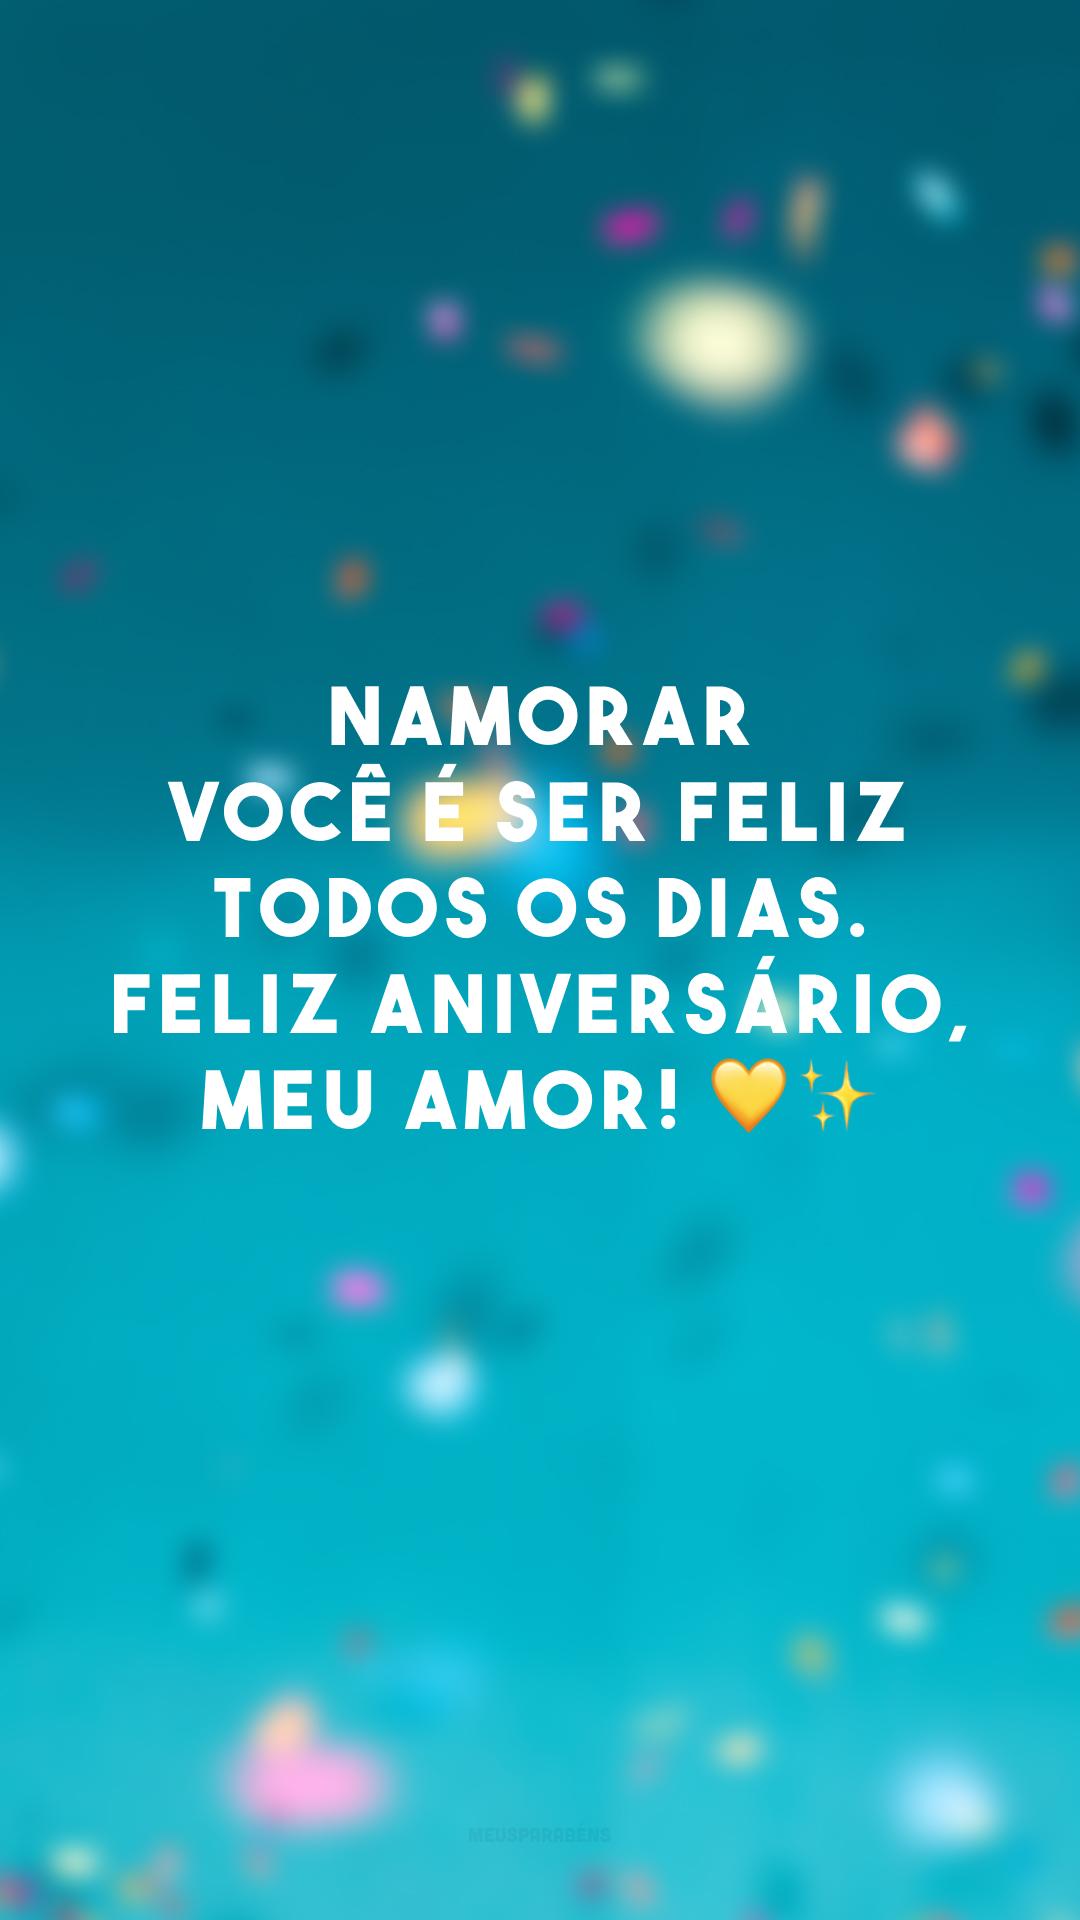 Namorar você é ser feliz todos os dias. Feliz aniversário, meu amor! 💛✨